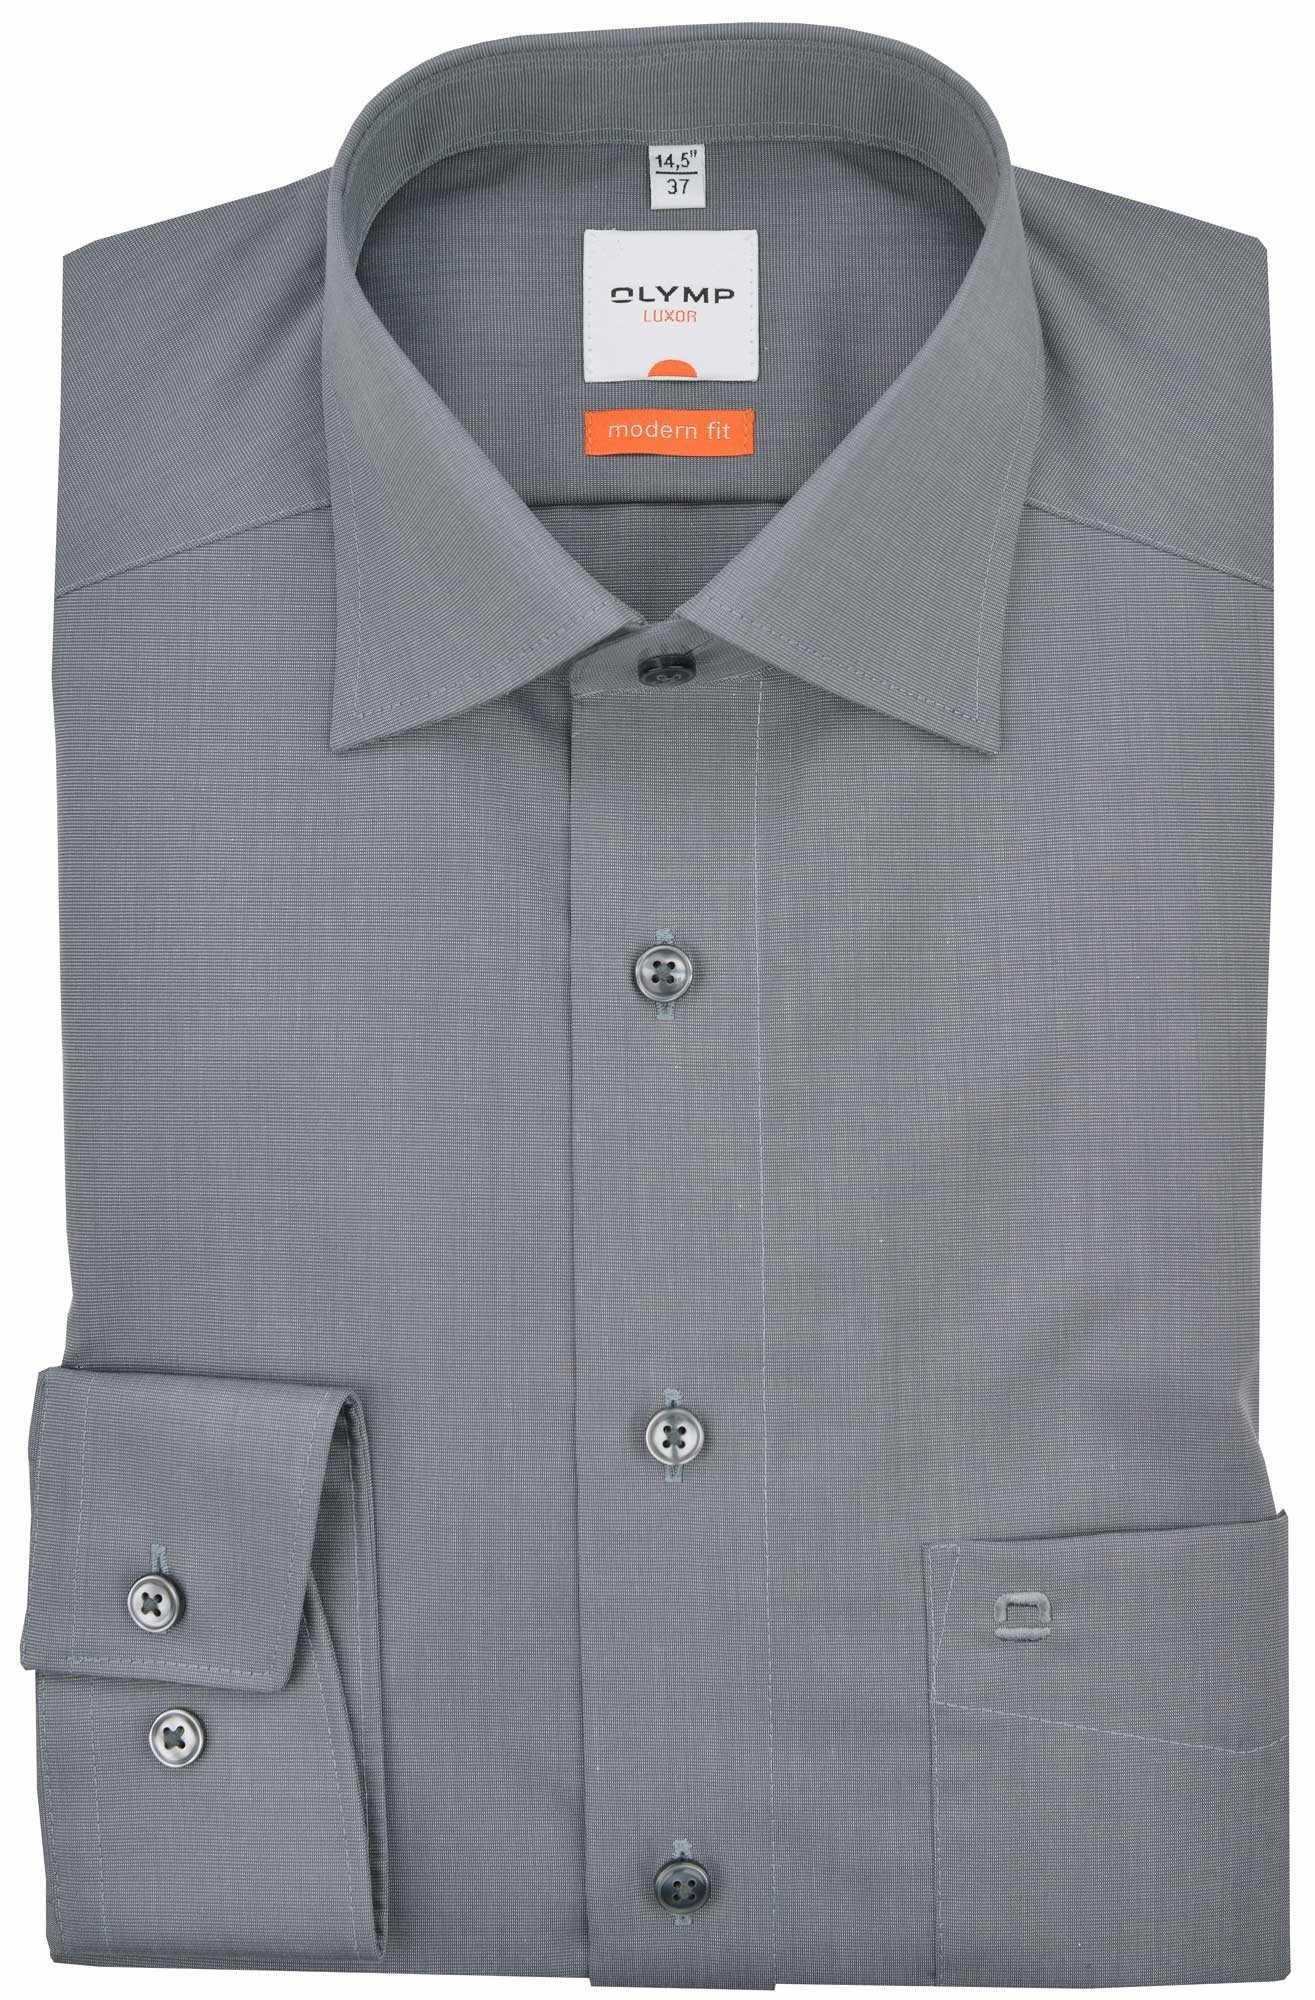 OLYMP  Hemden in grau günstig kaufen